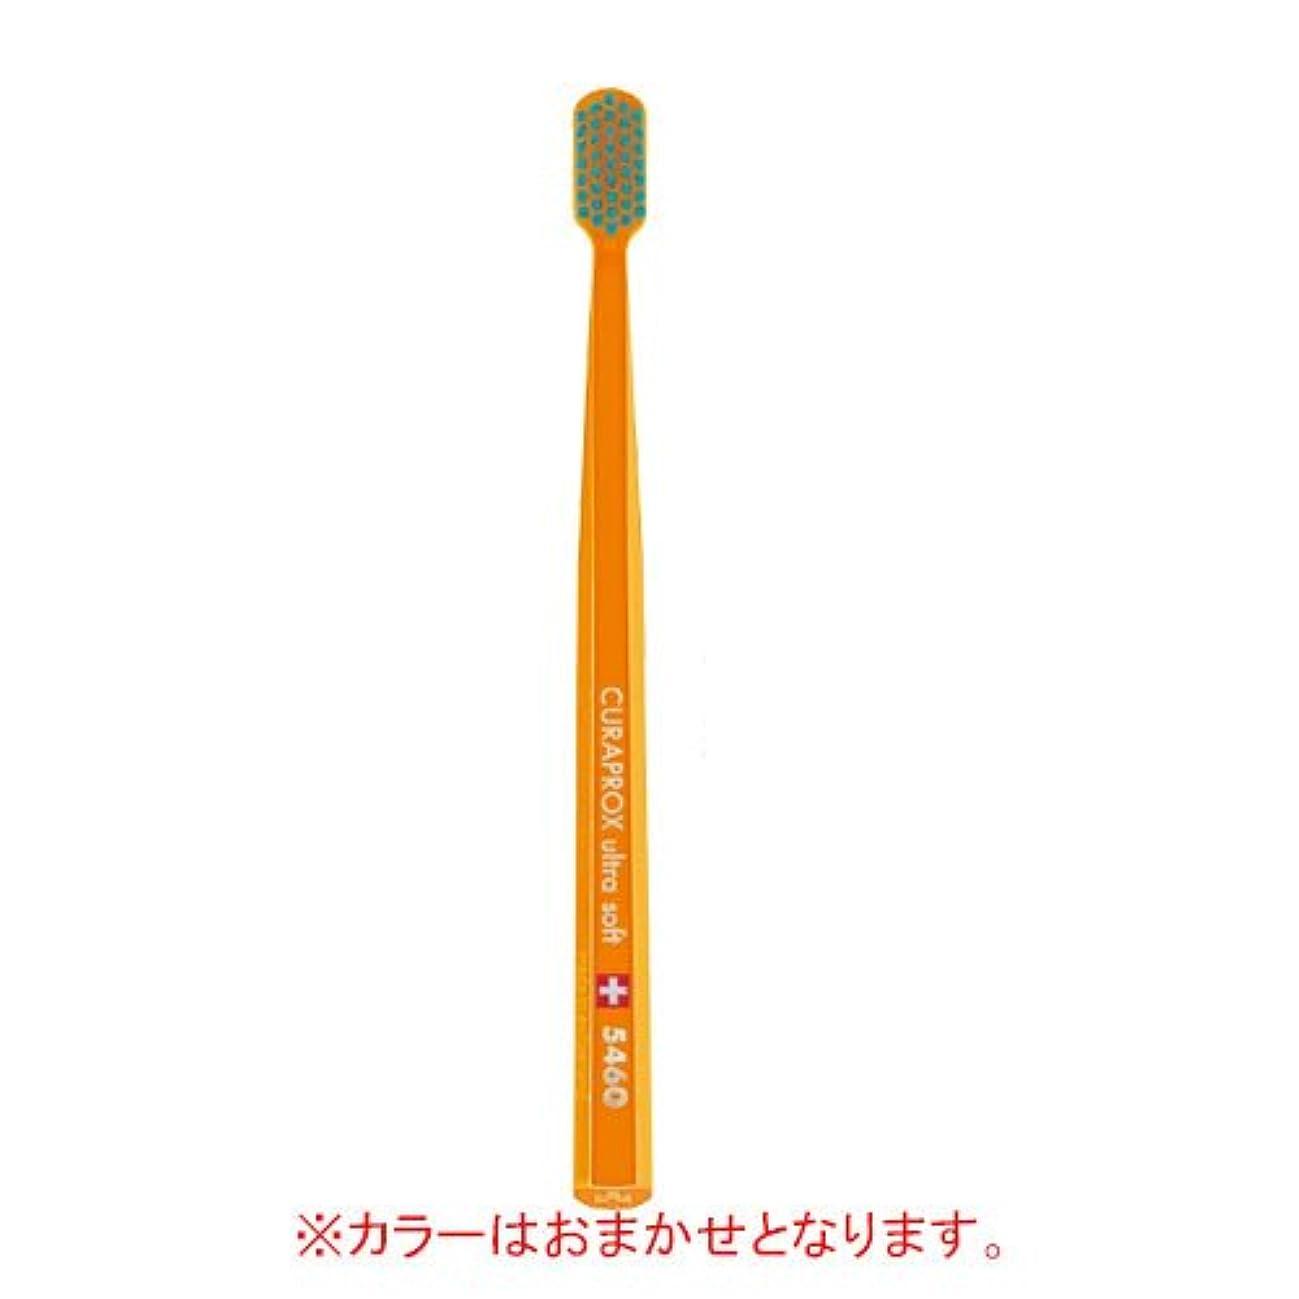 米ドル偽善者検査キュラプロックス Curaprox 超極細毛歯ブラシ ウルトラソフト CS5460 1本